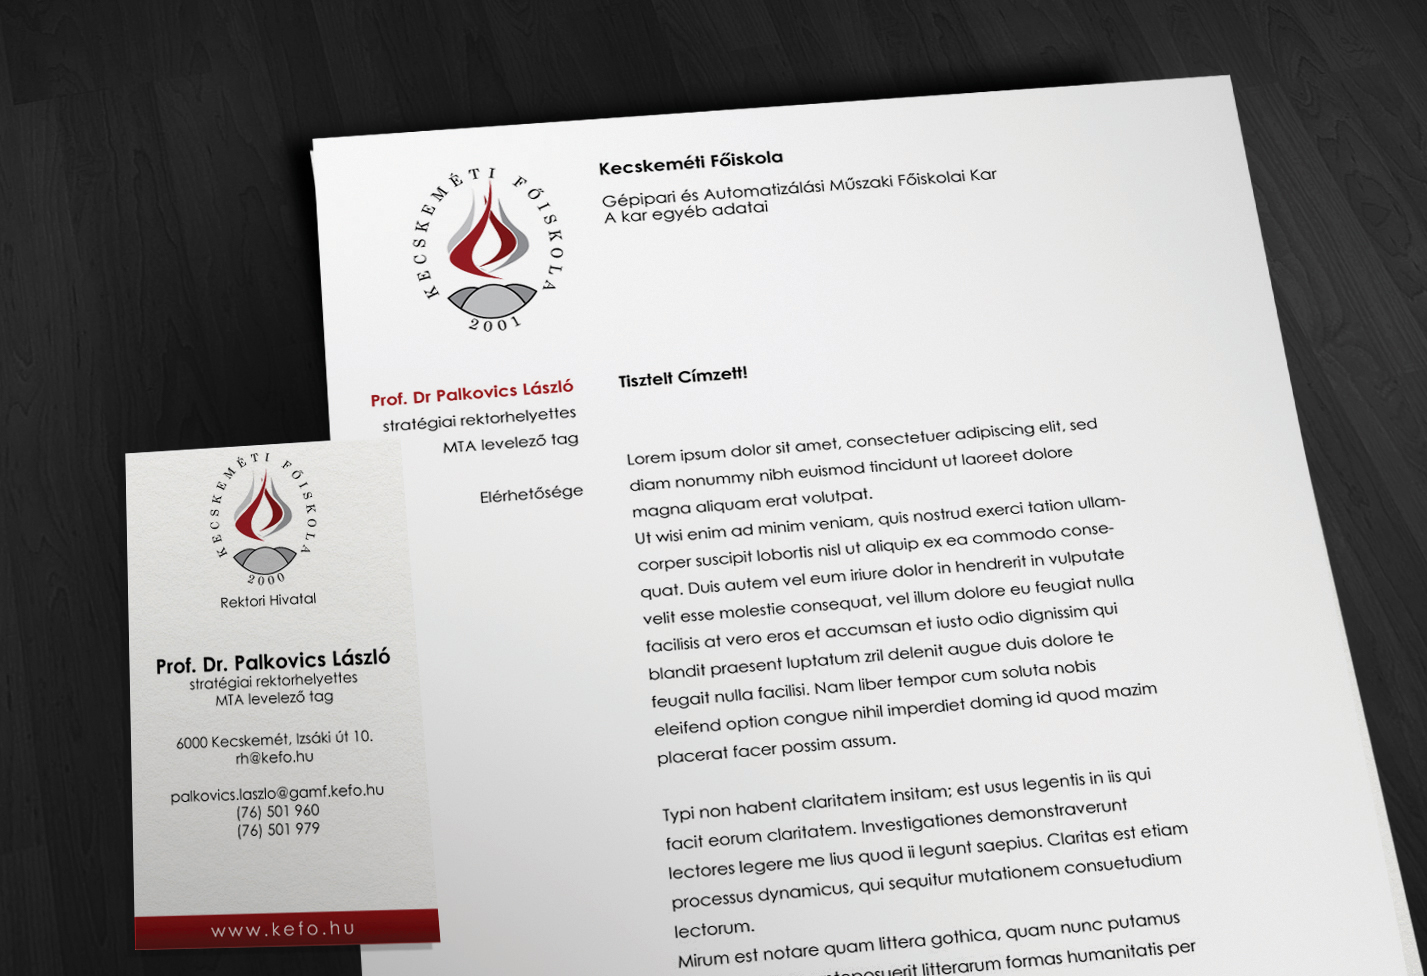 Kecskeméti Főiskola arculata, a kész Levélpapír és Névjegykártya formátuma